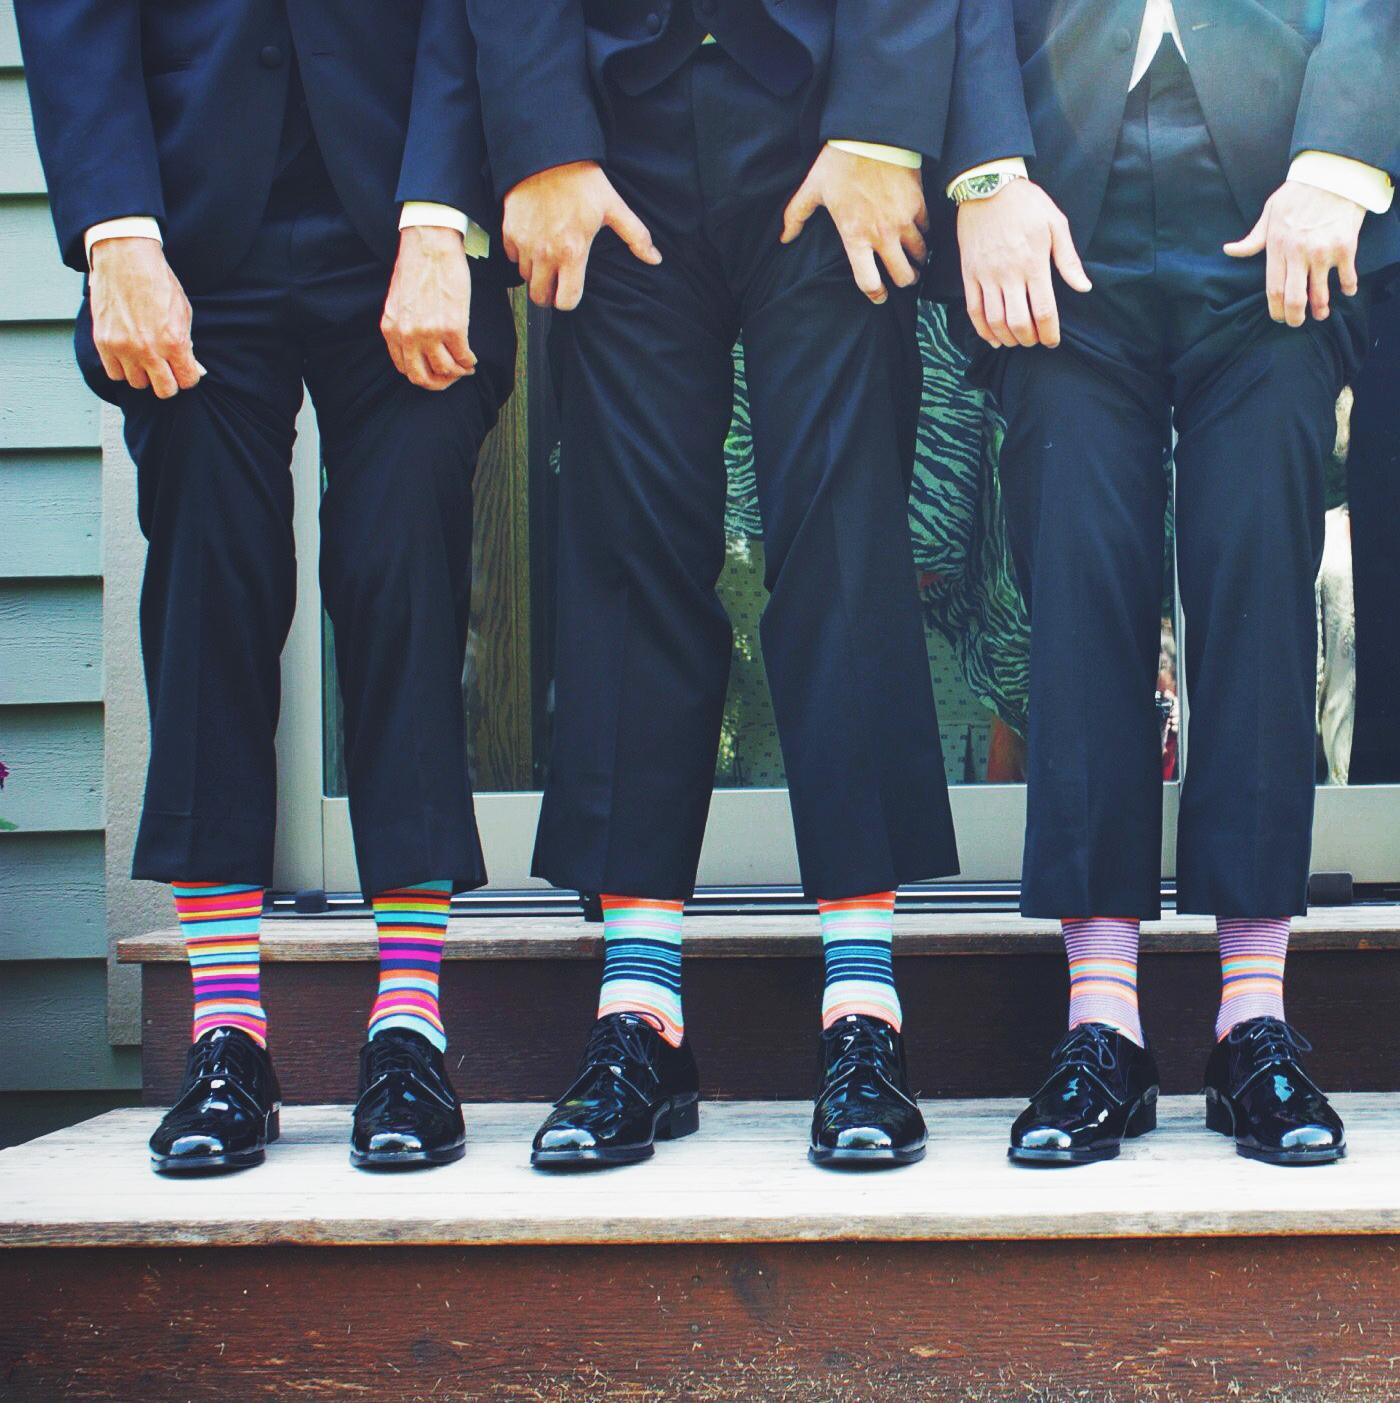 öltönyös úriemberek színes csíkos zokniban